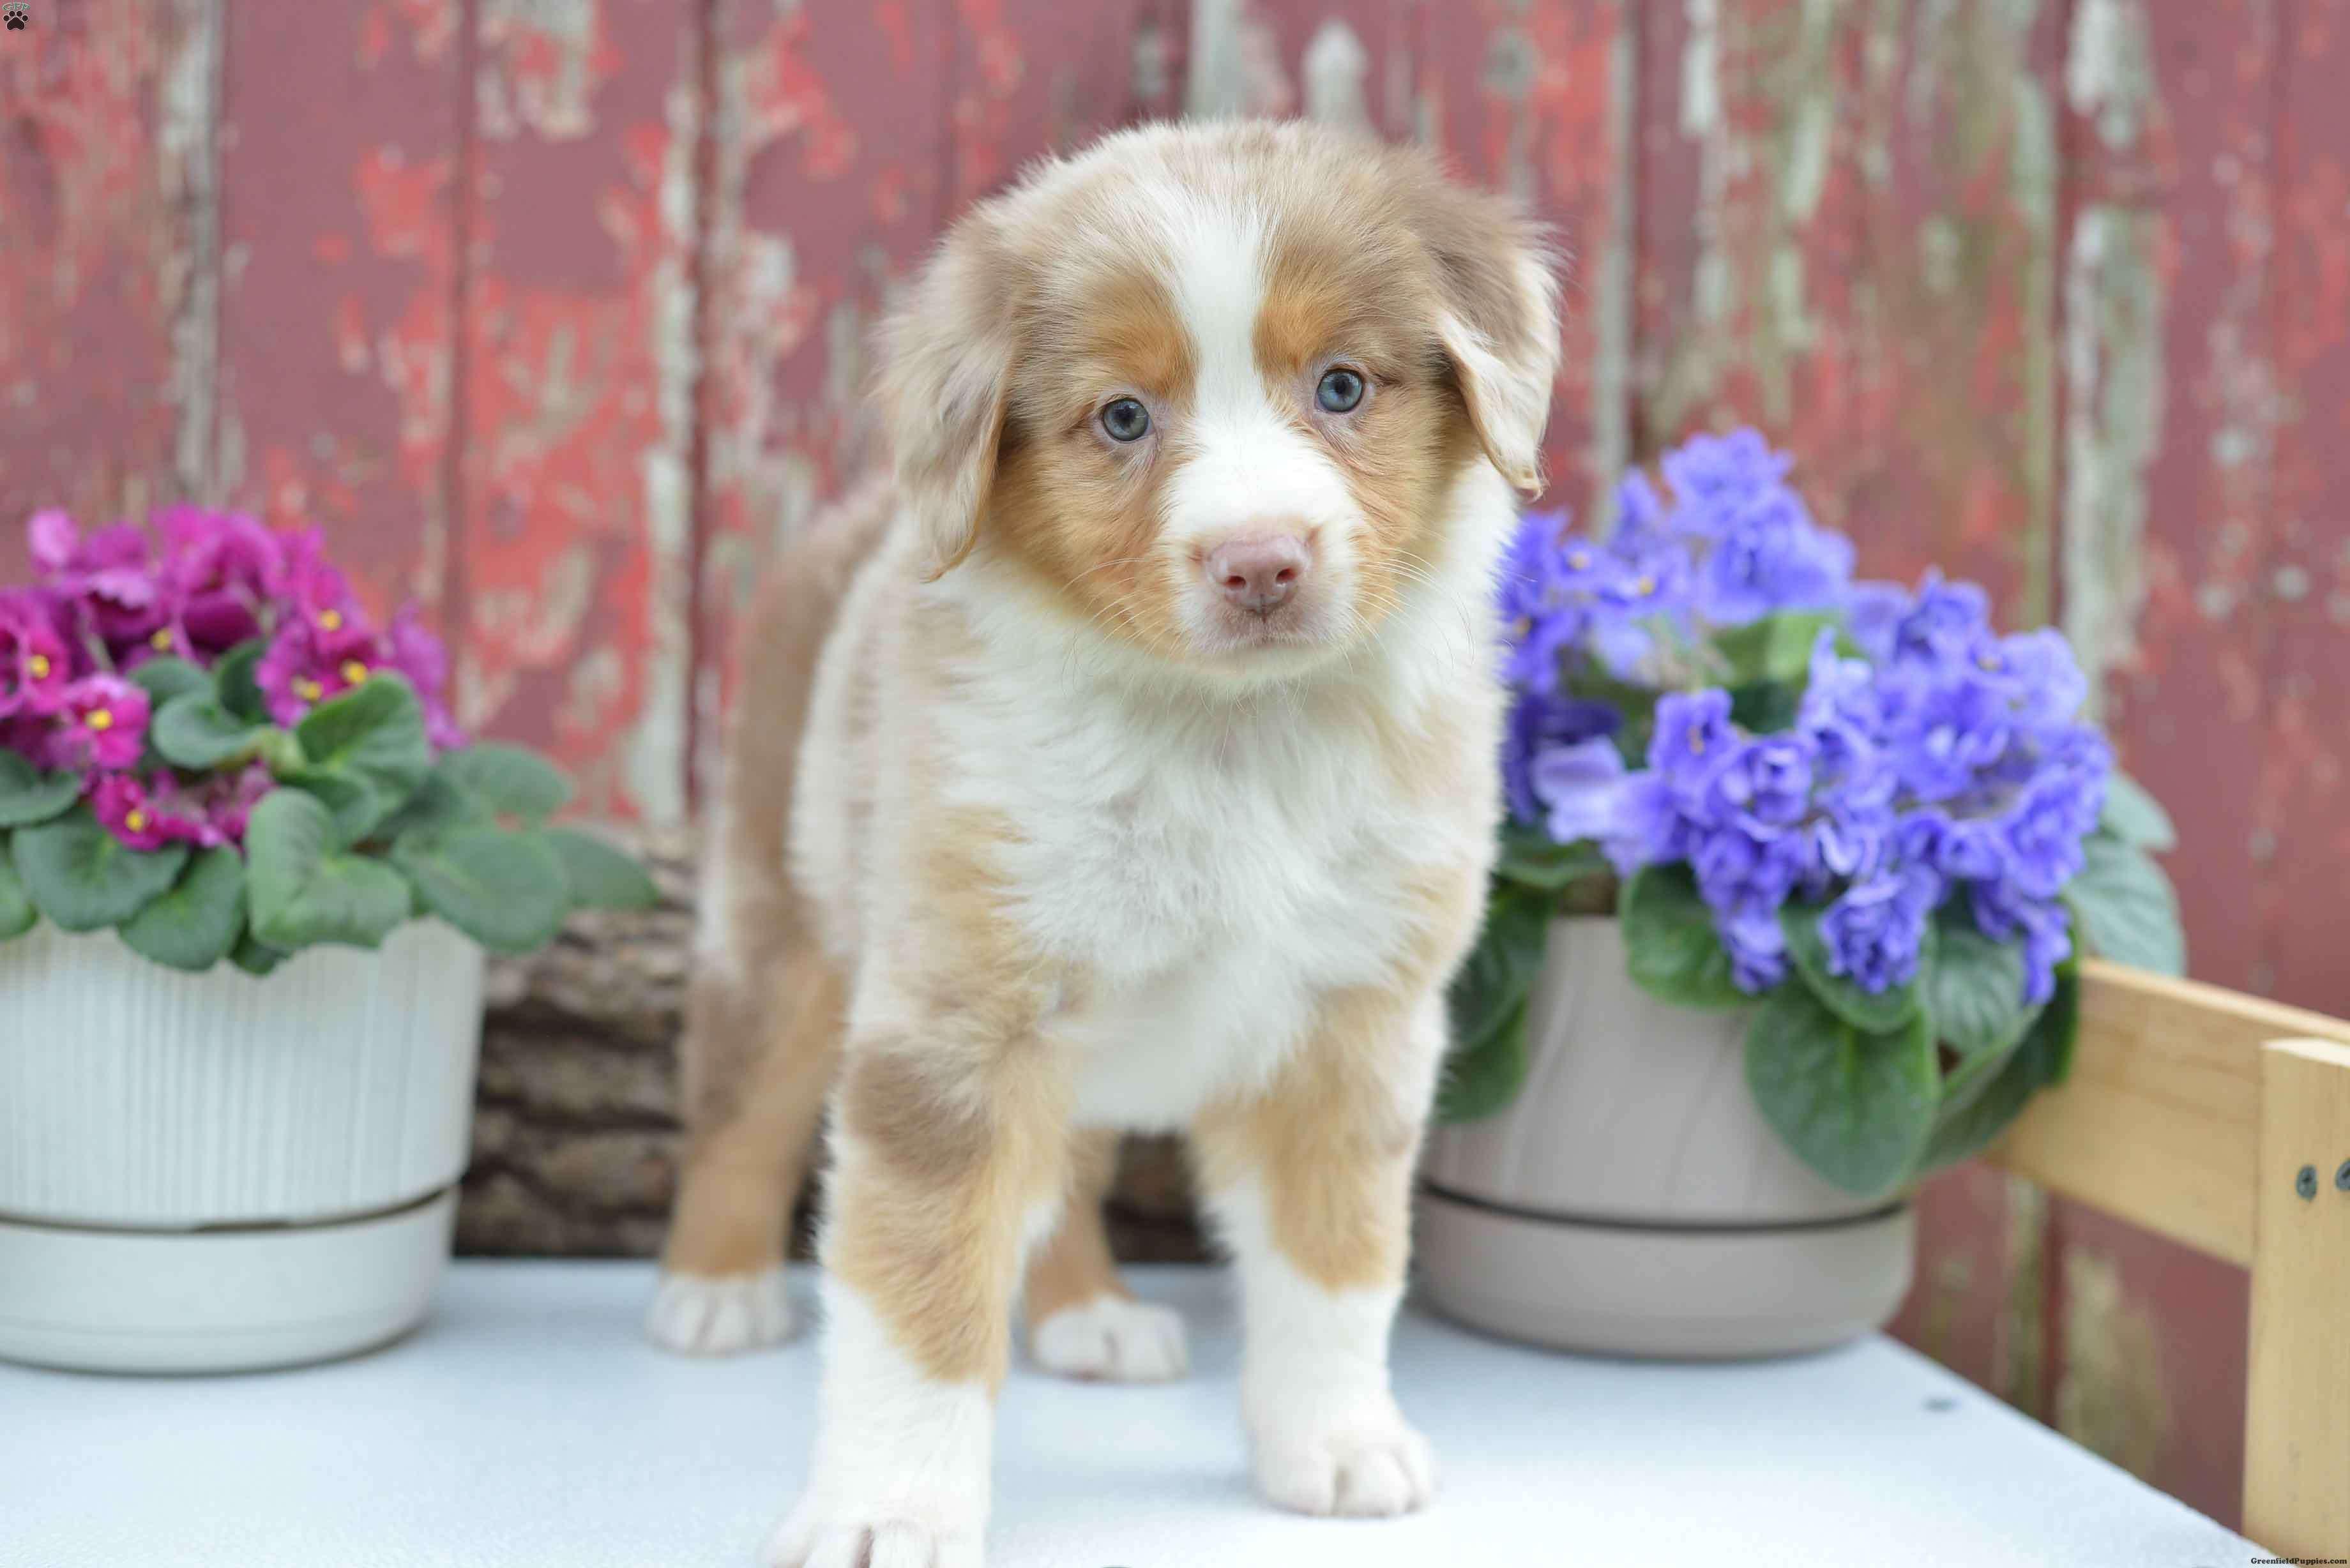 Pam Australian Shepherd Puppy For Sale in Ohio